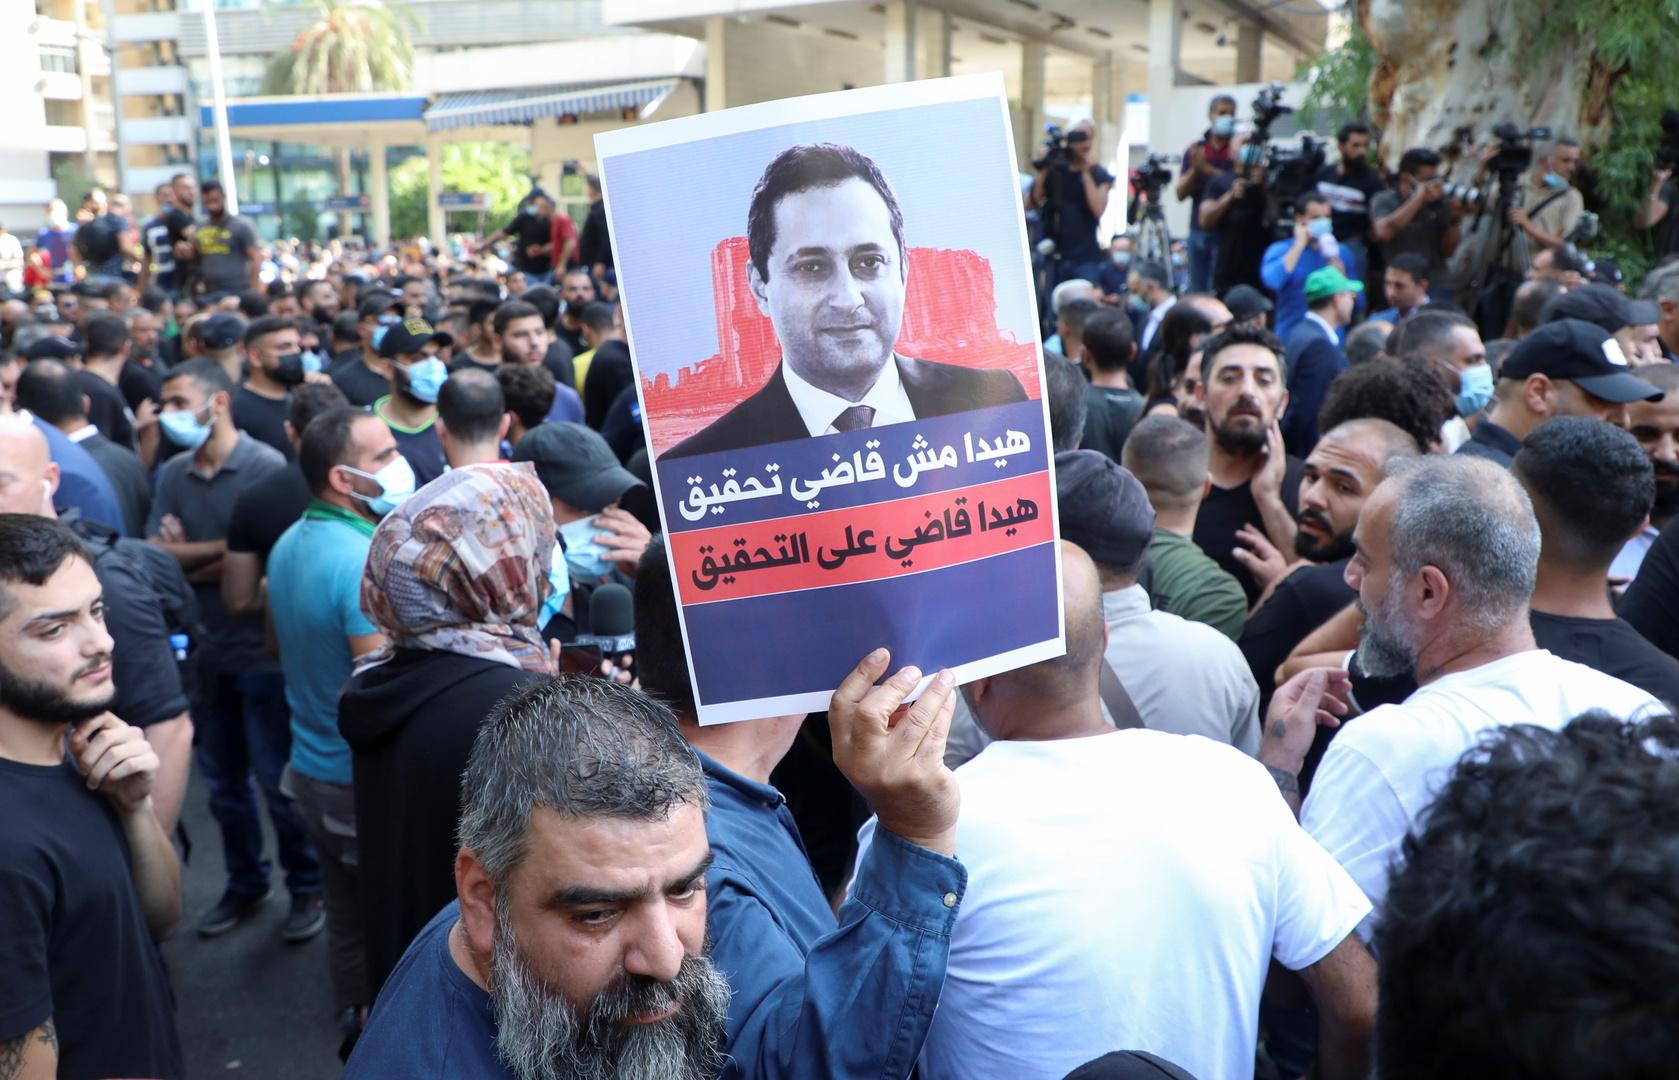 الرئاسة اللبنانية تنفي طلب قاضي تحقيق المرفأ بالتنحي